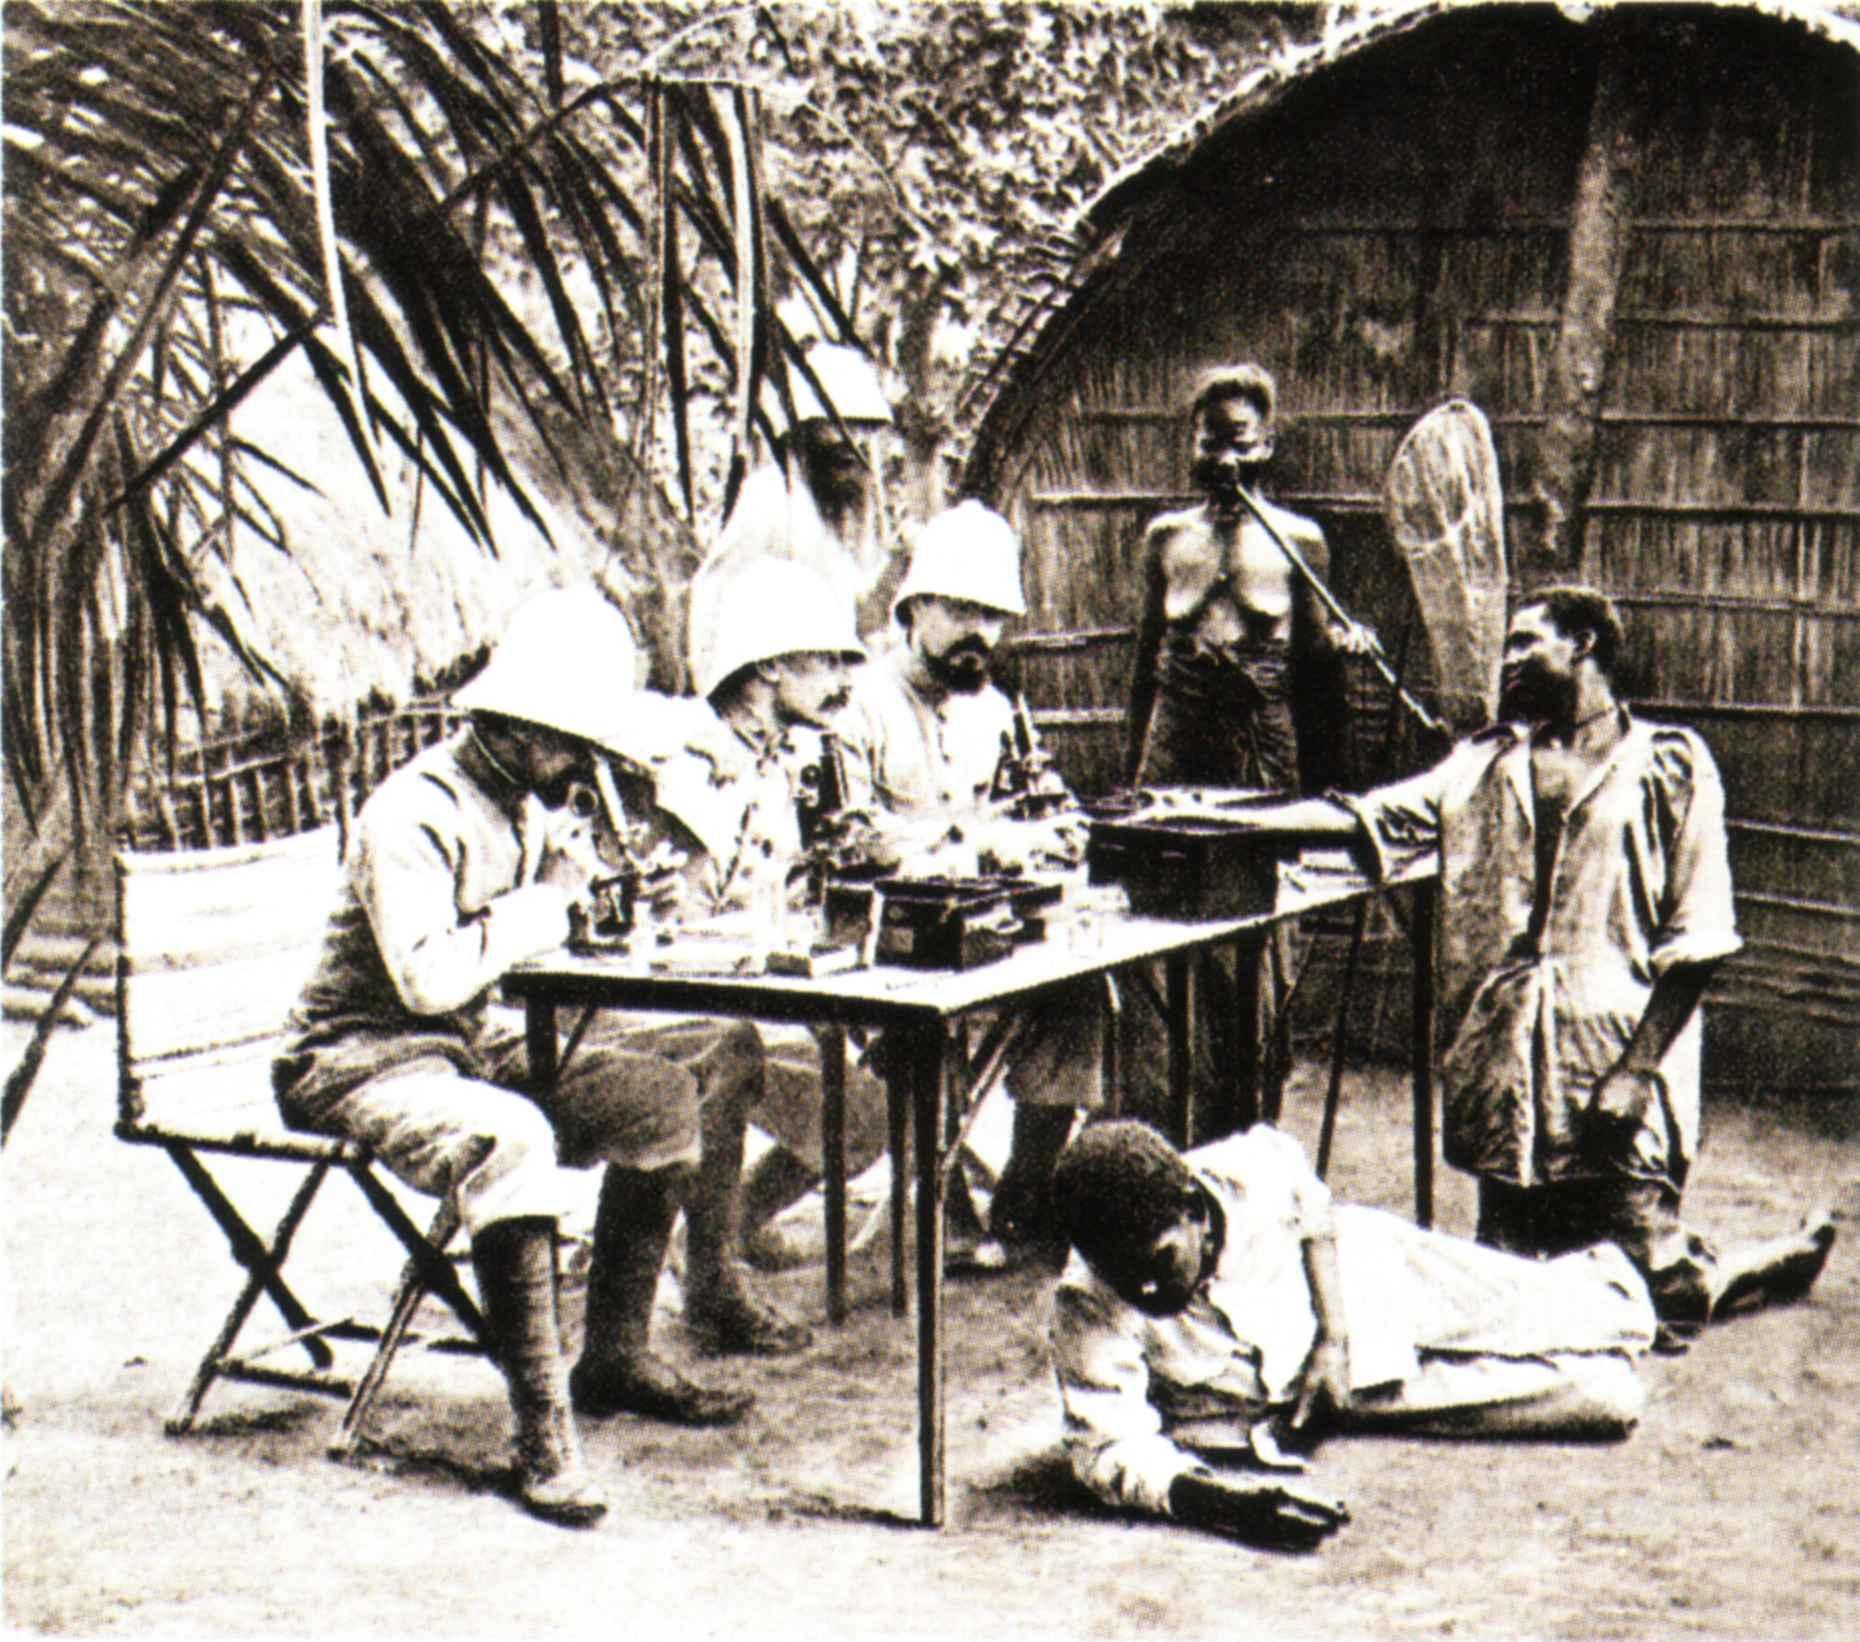 Texte Histoire de l'Afrique du Sud Leonard Thompson - Commentaire d'oeuvre - Doussard